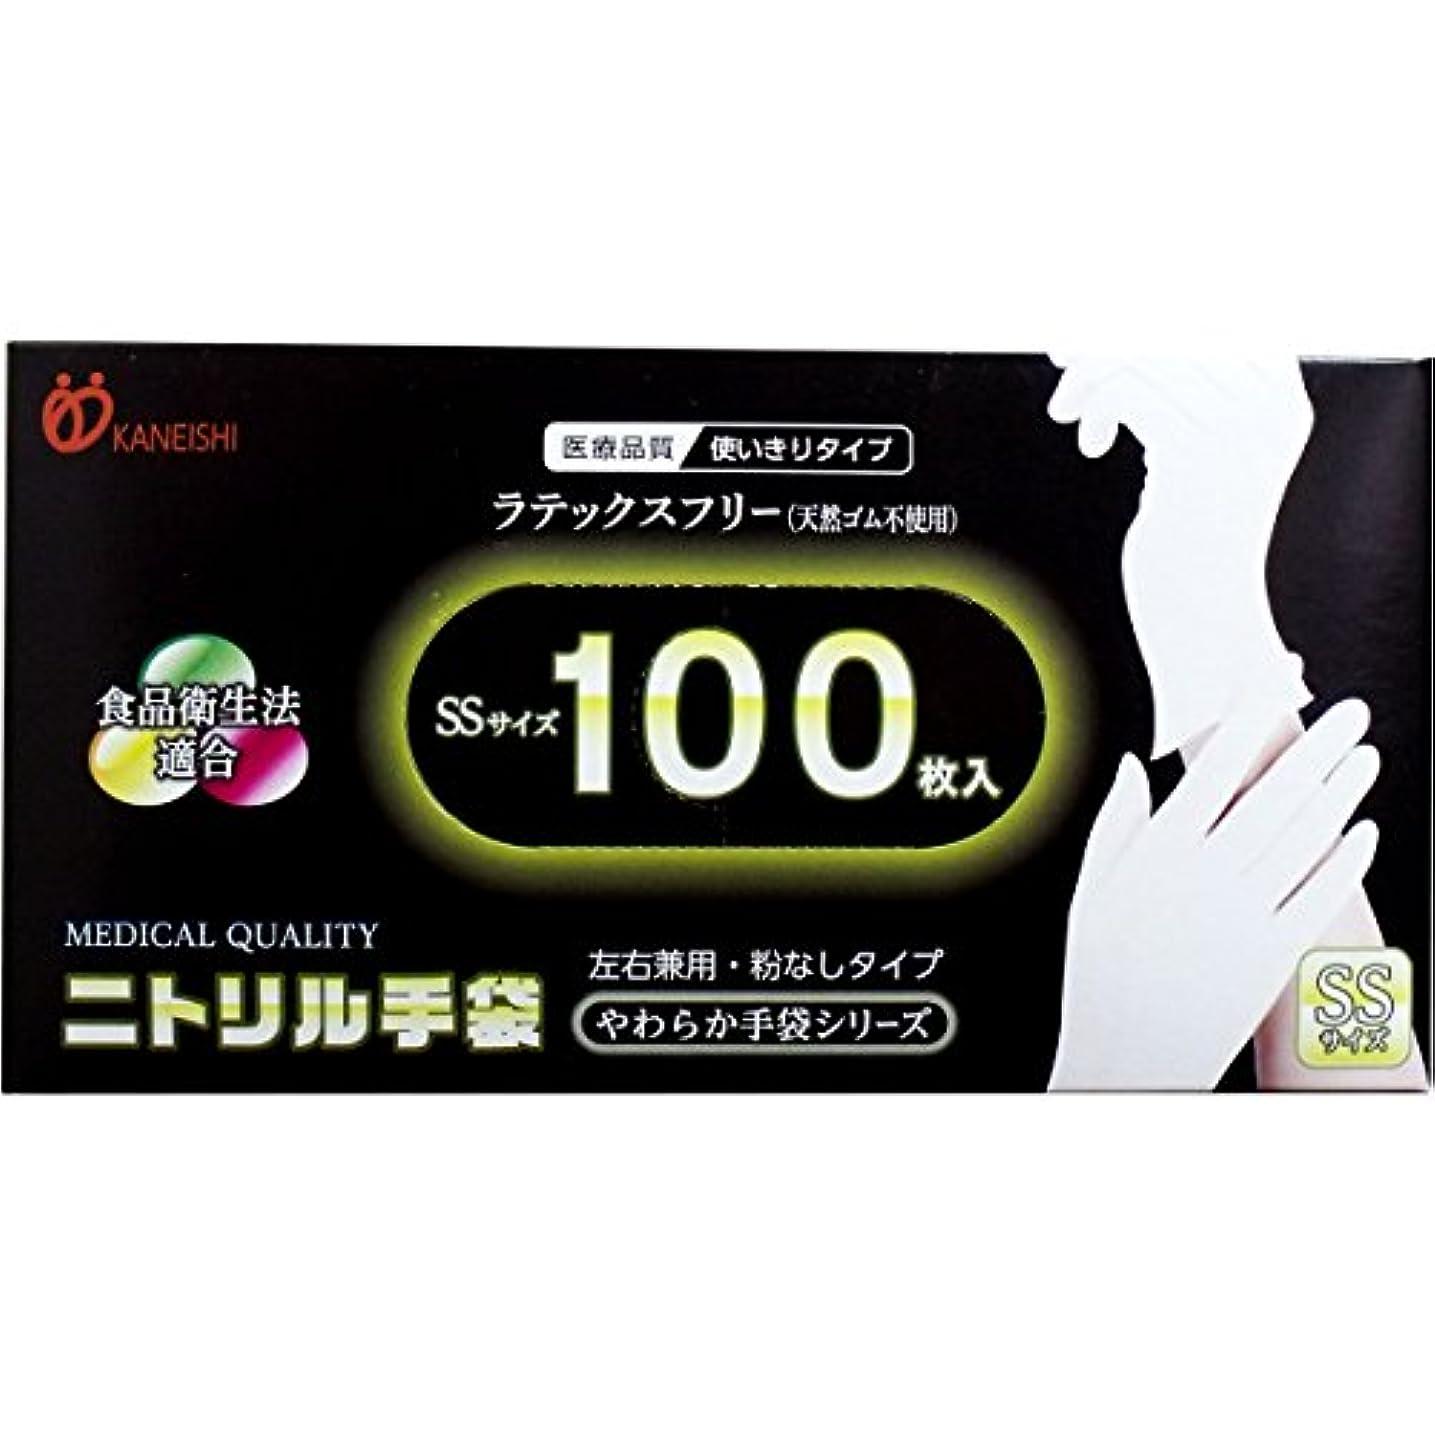 リーク所有者キャッチ[12月23日まで特価]やわらかニトリル手袋 パウダーフリー 100枚入 SSサイズ (単品1個)